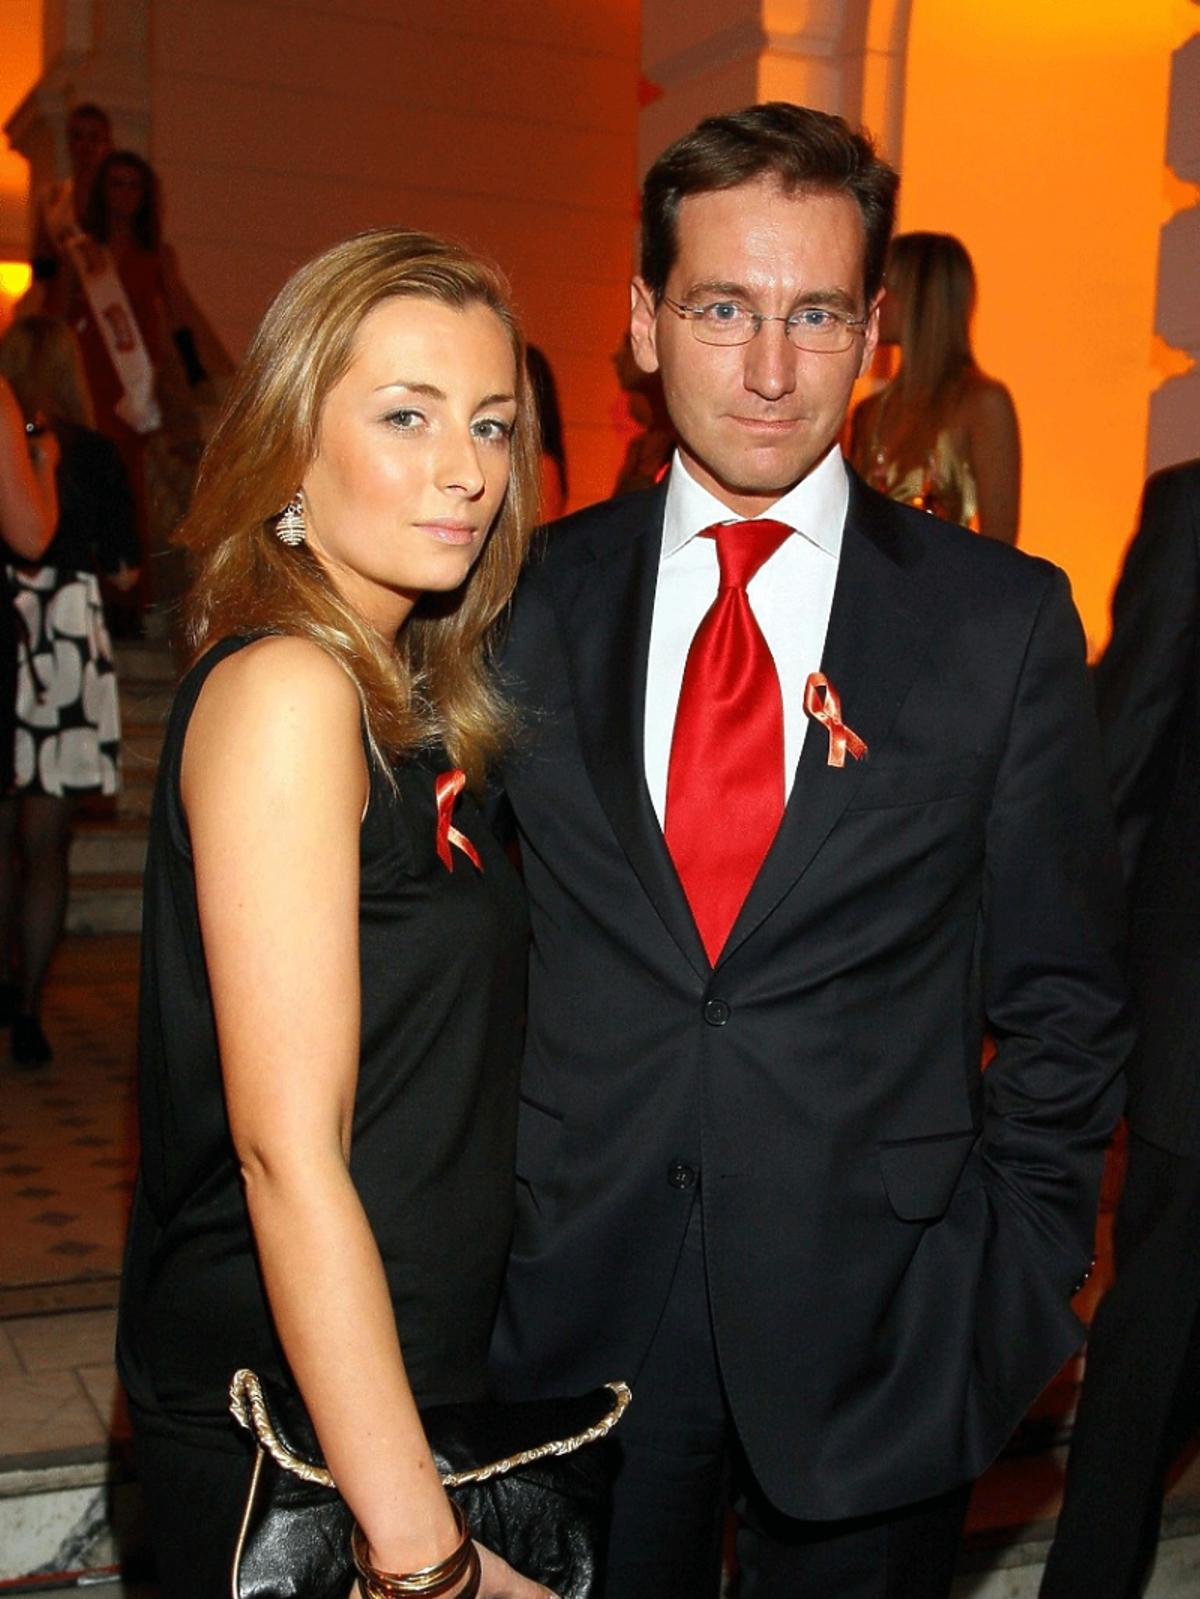 Piotr Kraśko w garniturze z czerwonym krawatem, Karolina Ferenstein z czarnej sukni